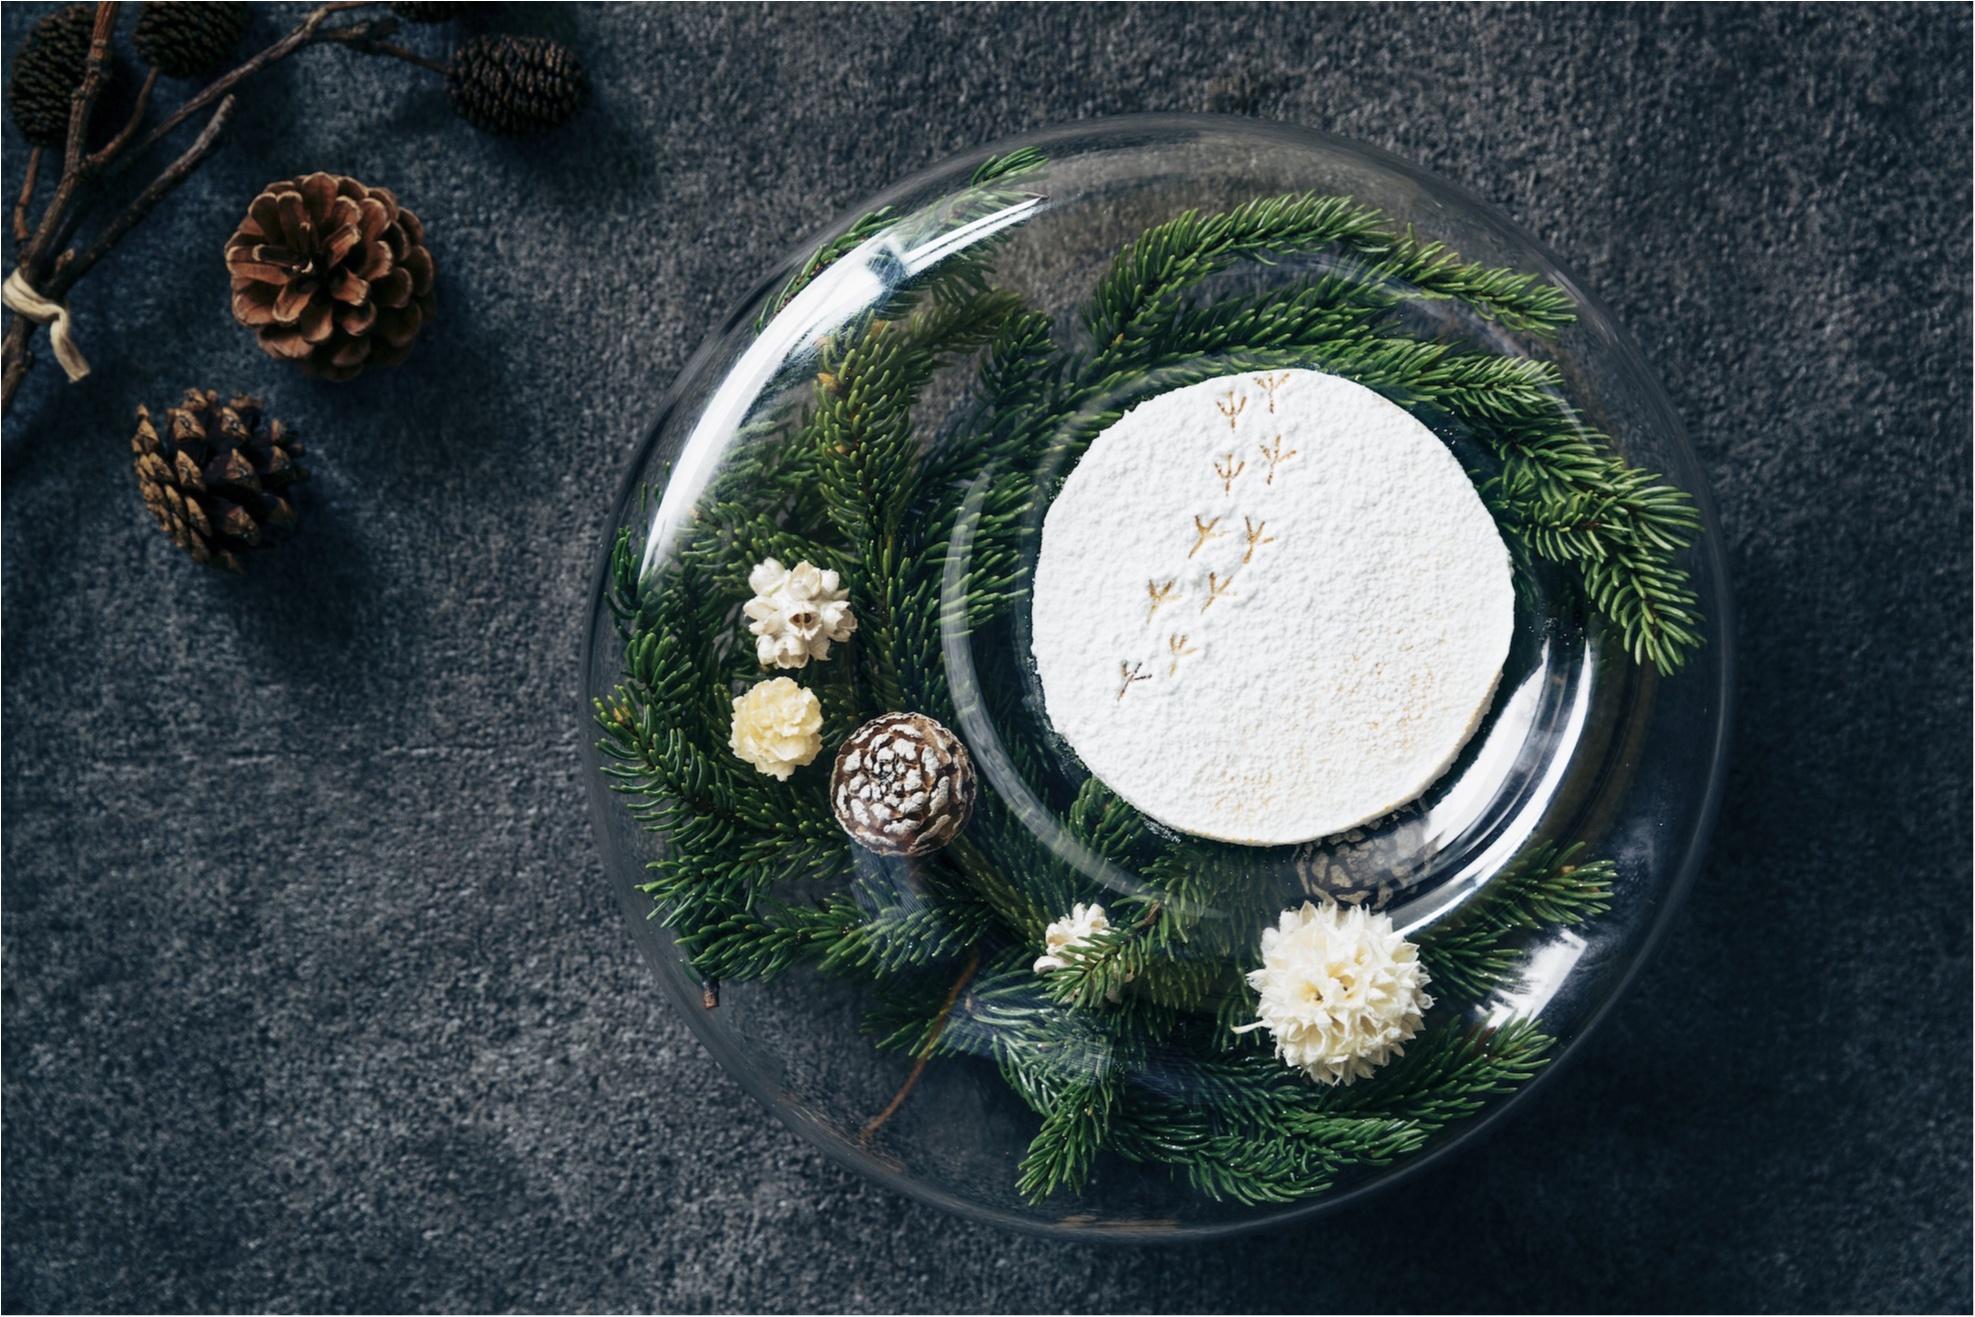 クリスマスは『星野リゾート 軽井沢ブレストンコート』でリッチなスイーツコースを食べてみない? 隣接の『軽井沢高原教会』ではキャンドルナイトも♡_1_2